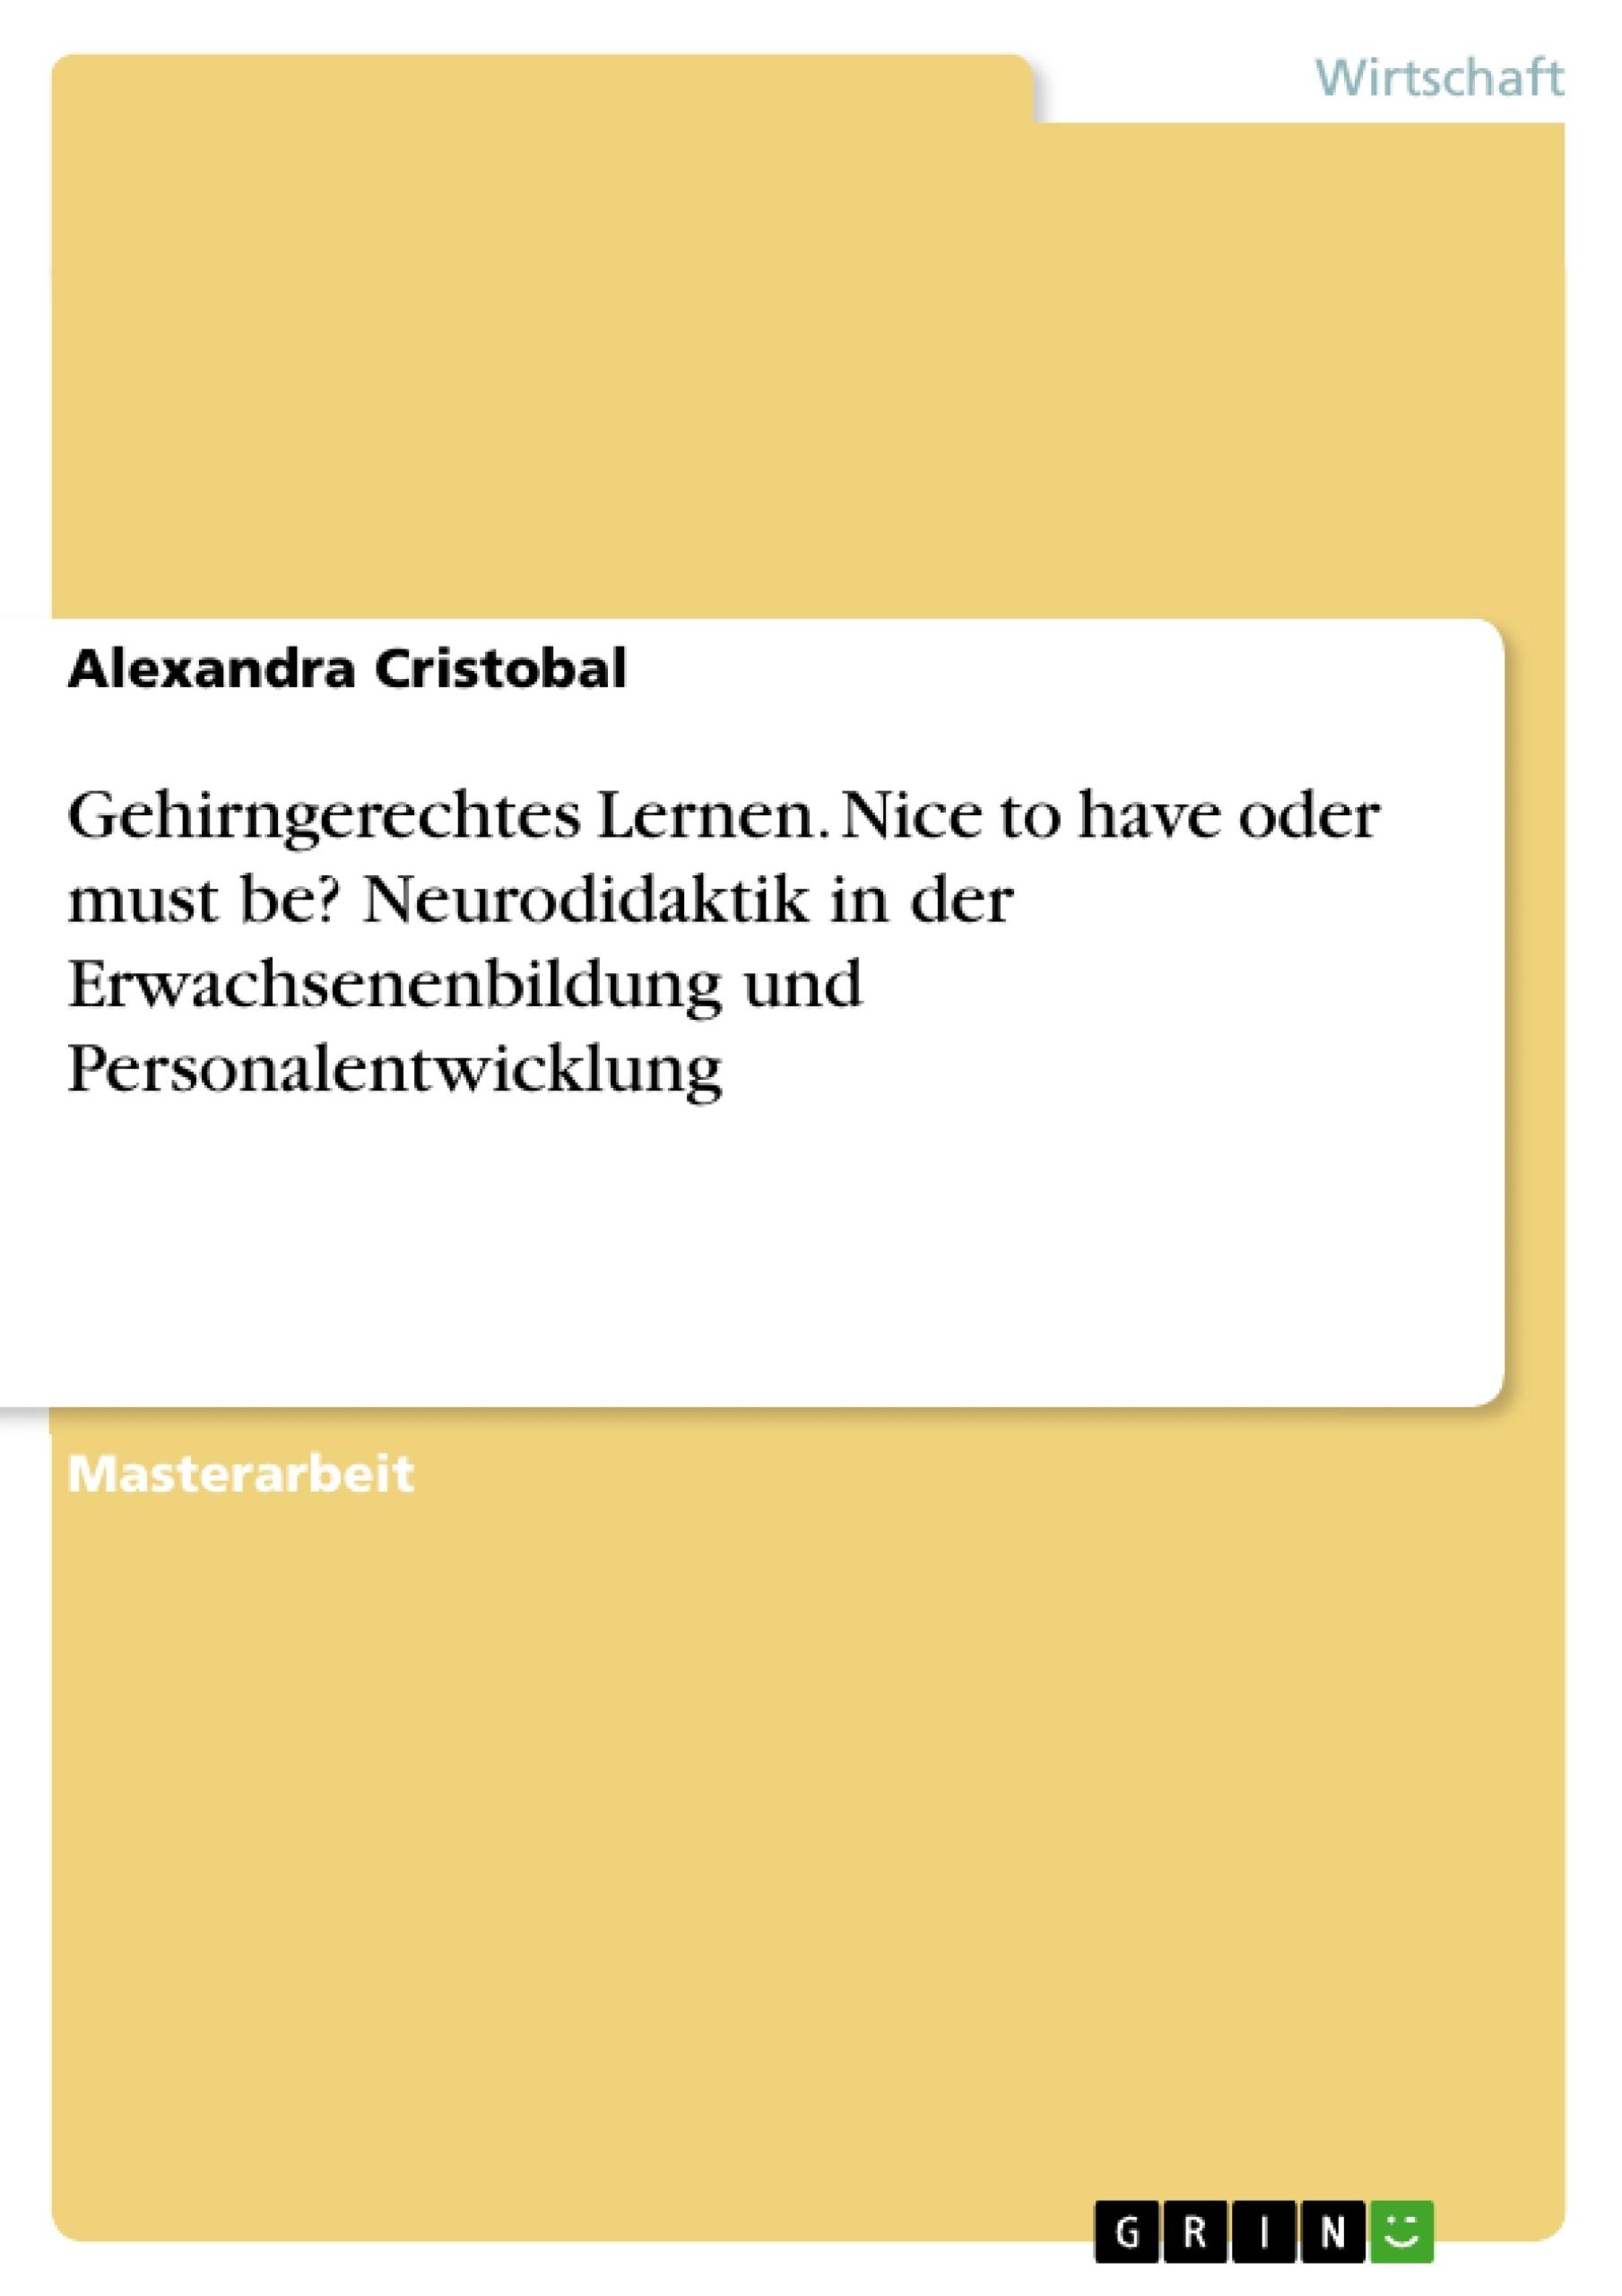 Titel: Gehirngerechtes Lernen. Nice to have oder must be? Neurodidaktik in der Erwachsenenbildung und Personalentwicklung